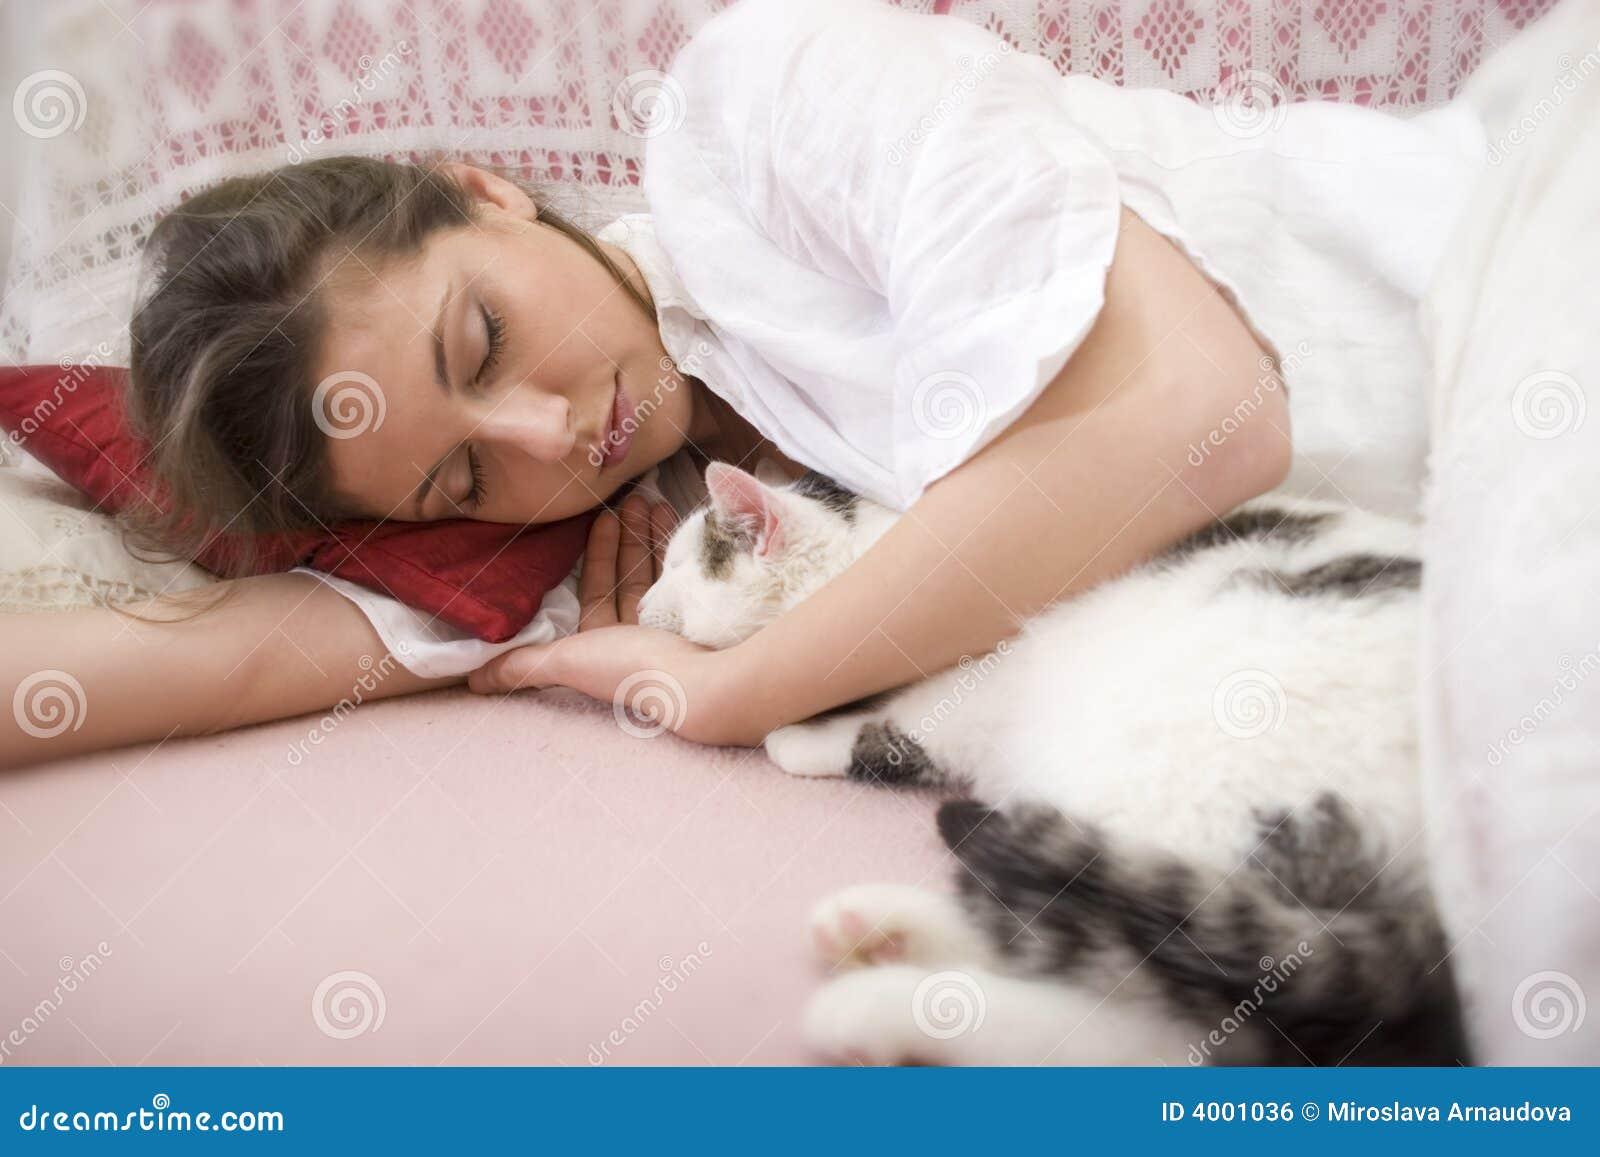 Секс со спящими девочками смотреть 12 фотография